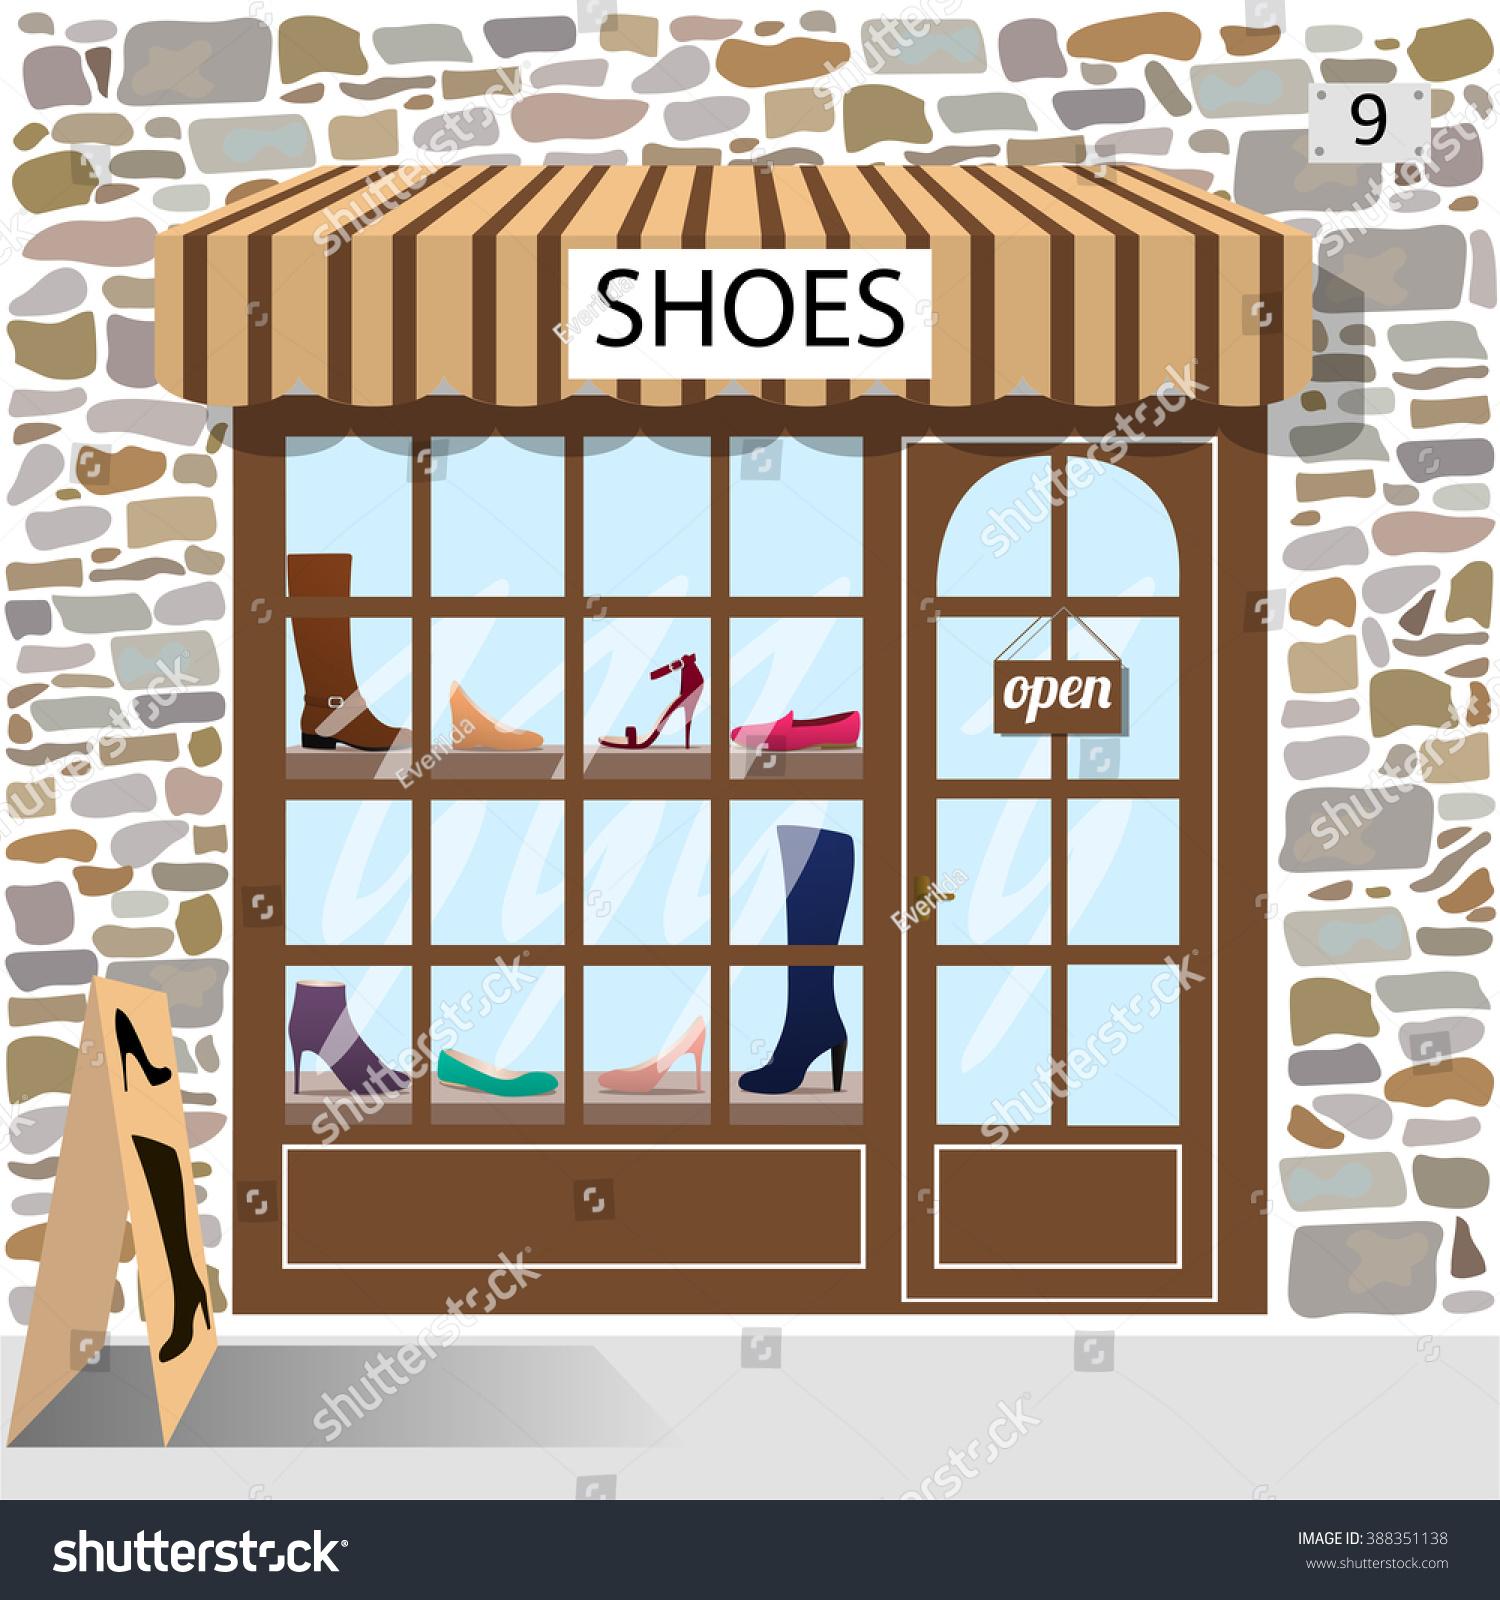 Shoe Store Clipart.